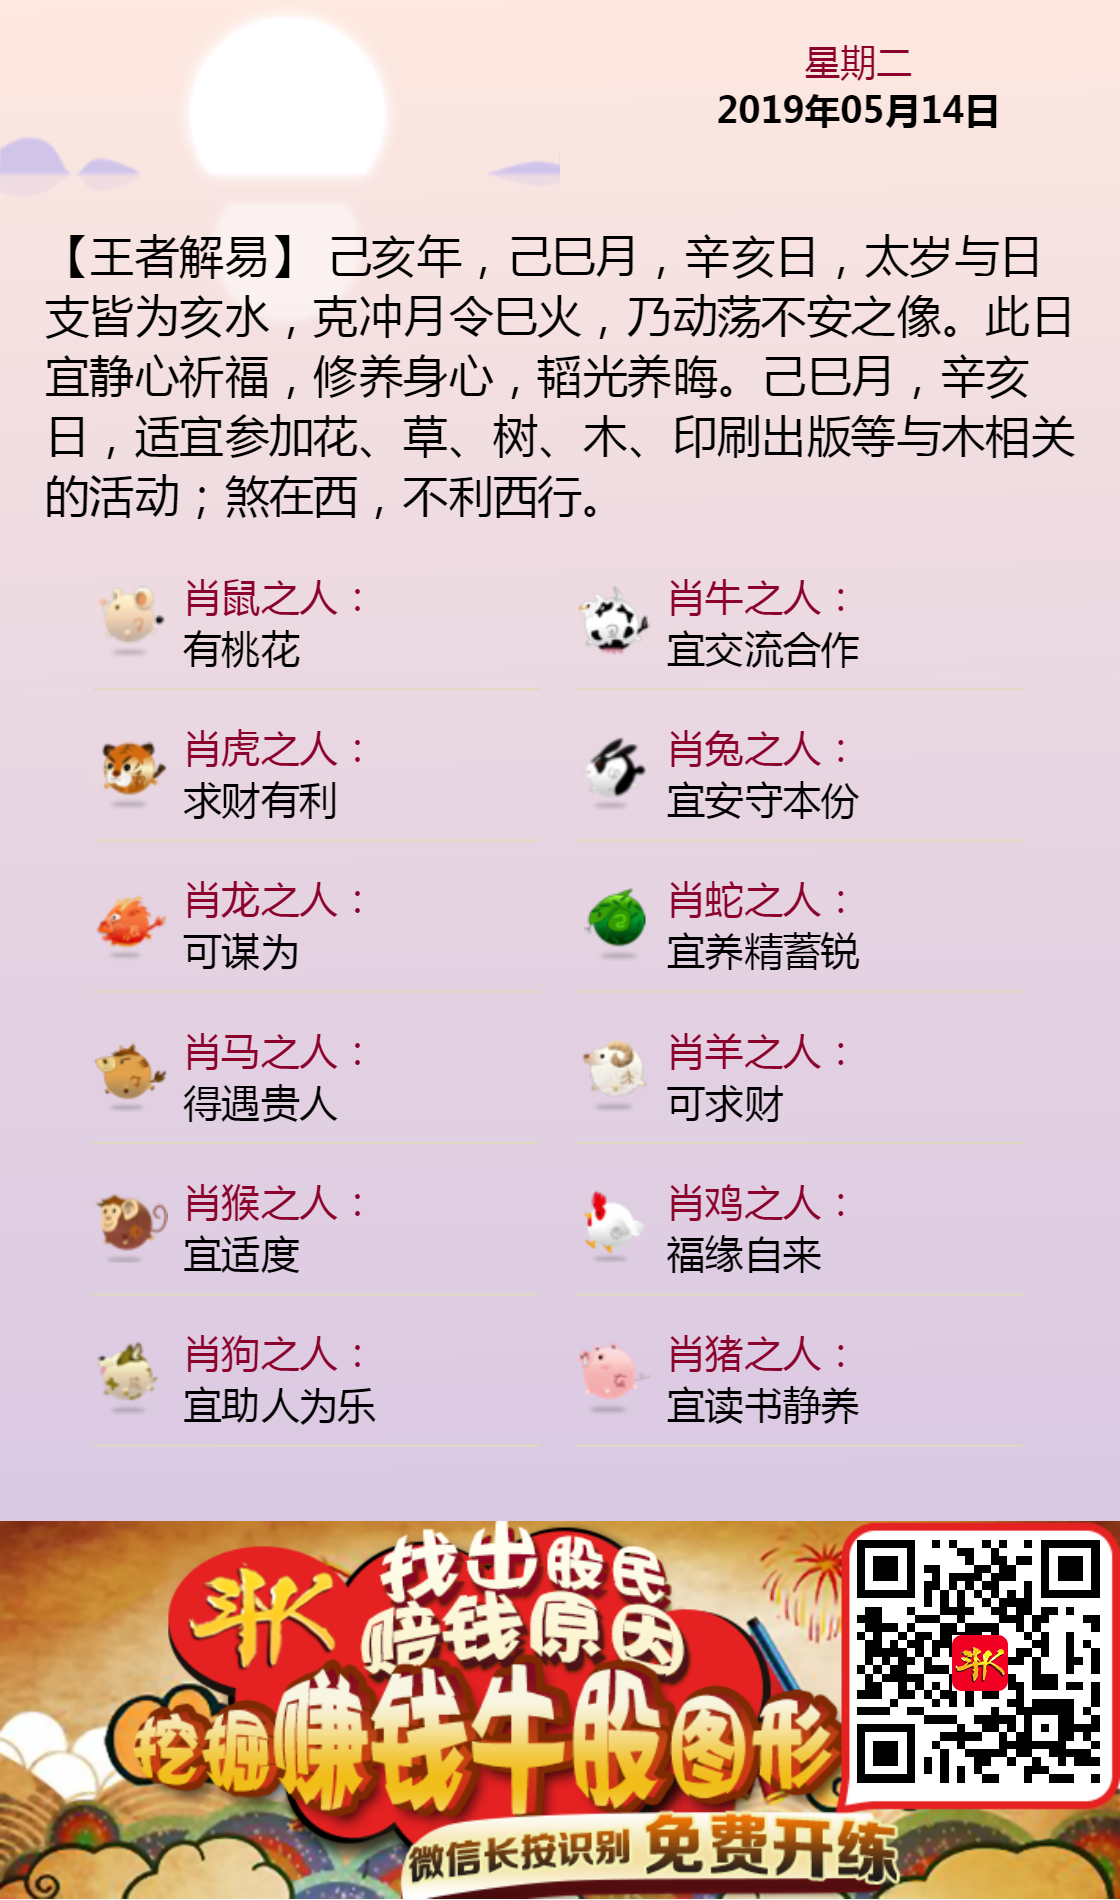 2019.5.14黄历斗K.png